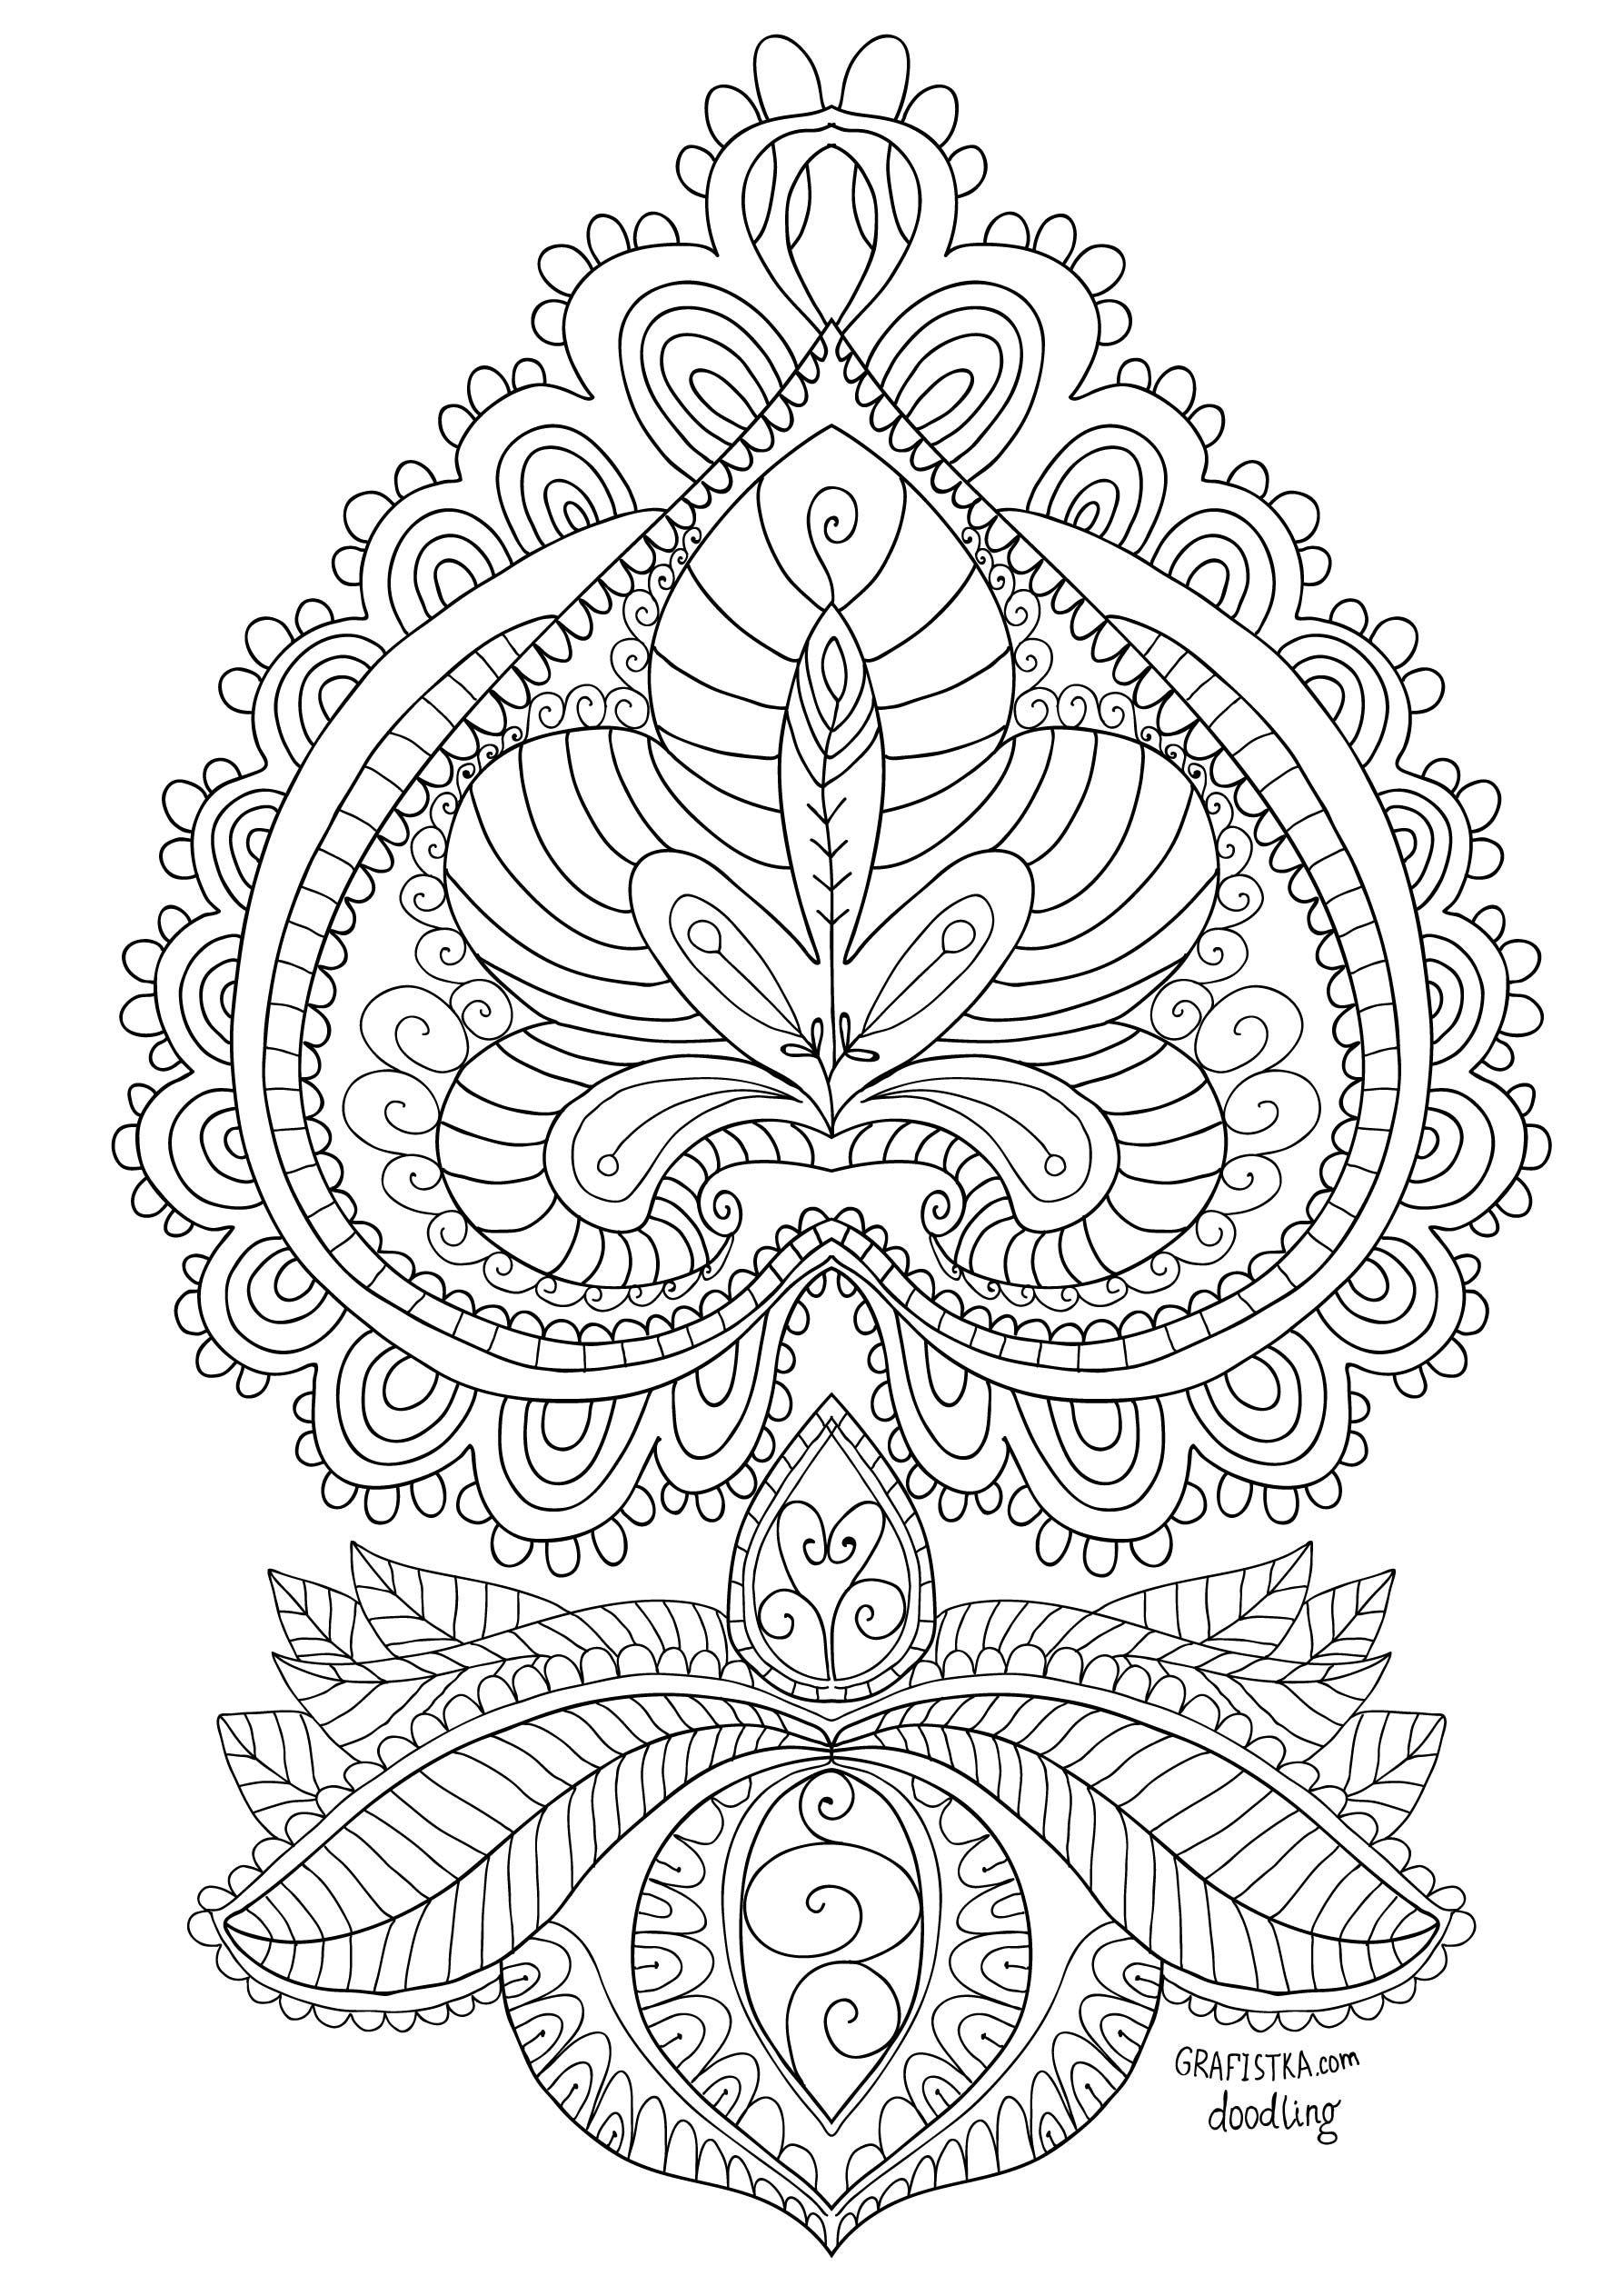 Раскраска для взрослых - индийский узор | Индийские узоры ...